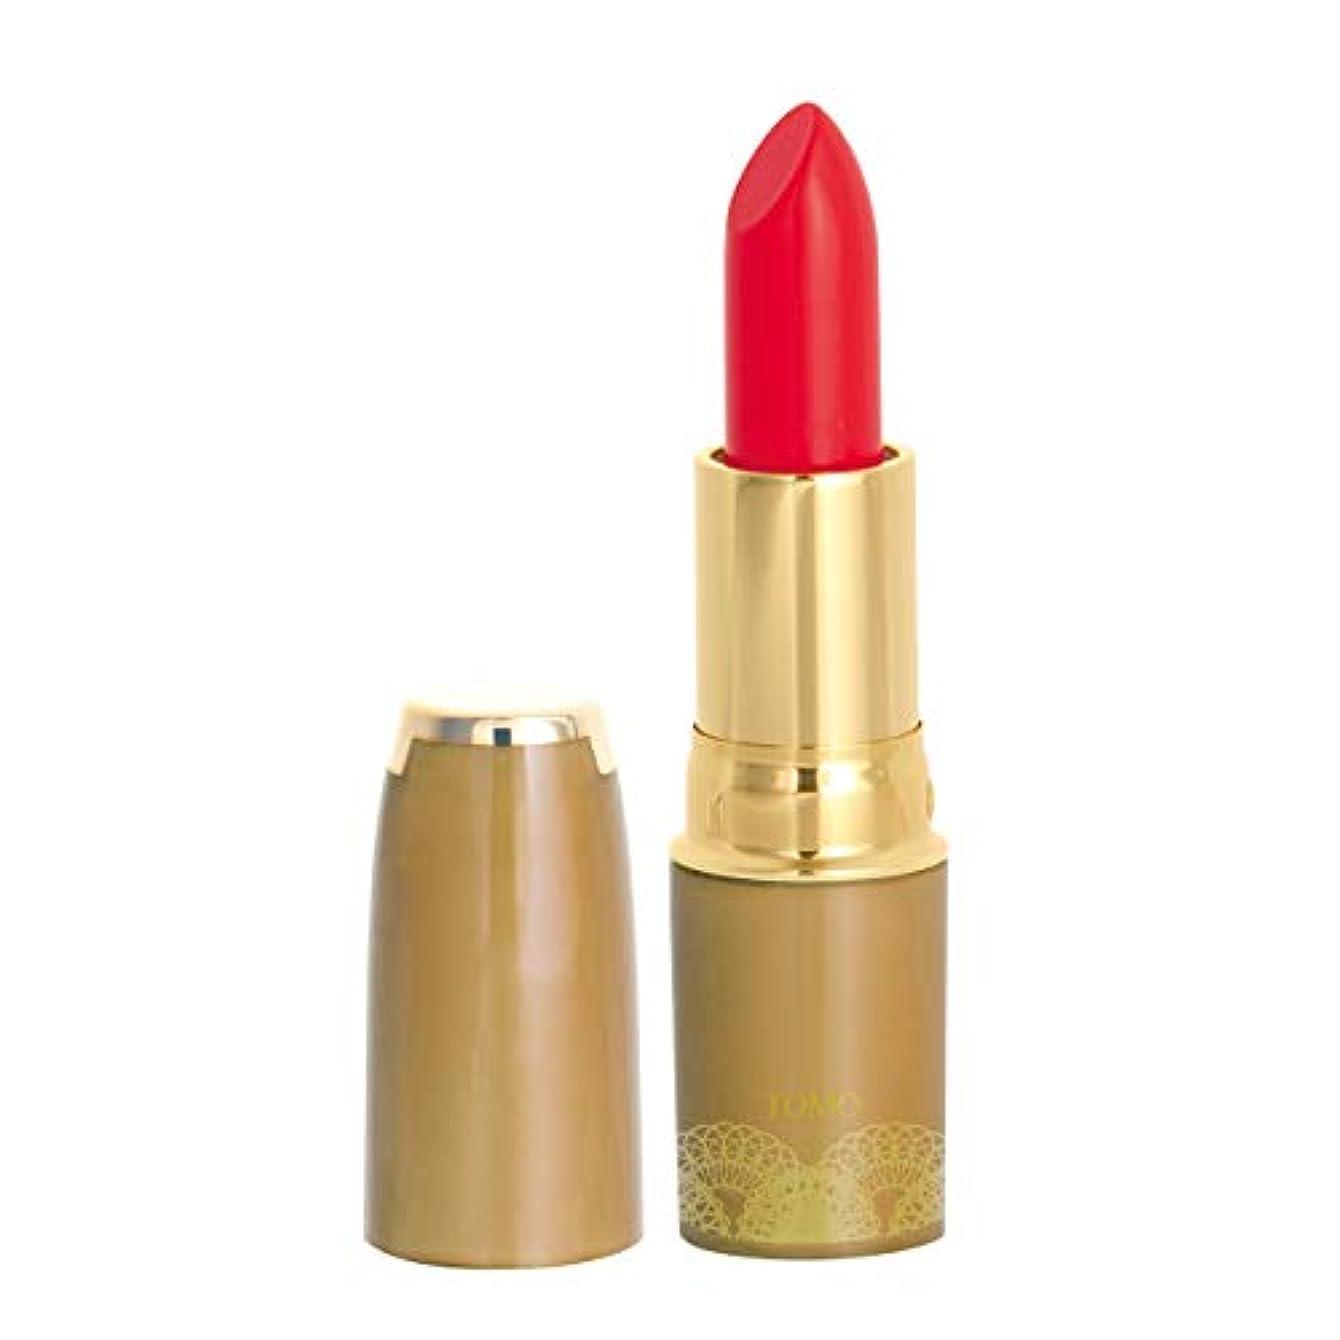 高くソース裏切る安心 安全 低刺激 食用色素からできた口紅 ナチュレリップ LC-01 (ブライトレッド) 全6色